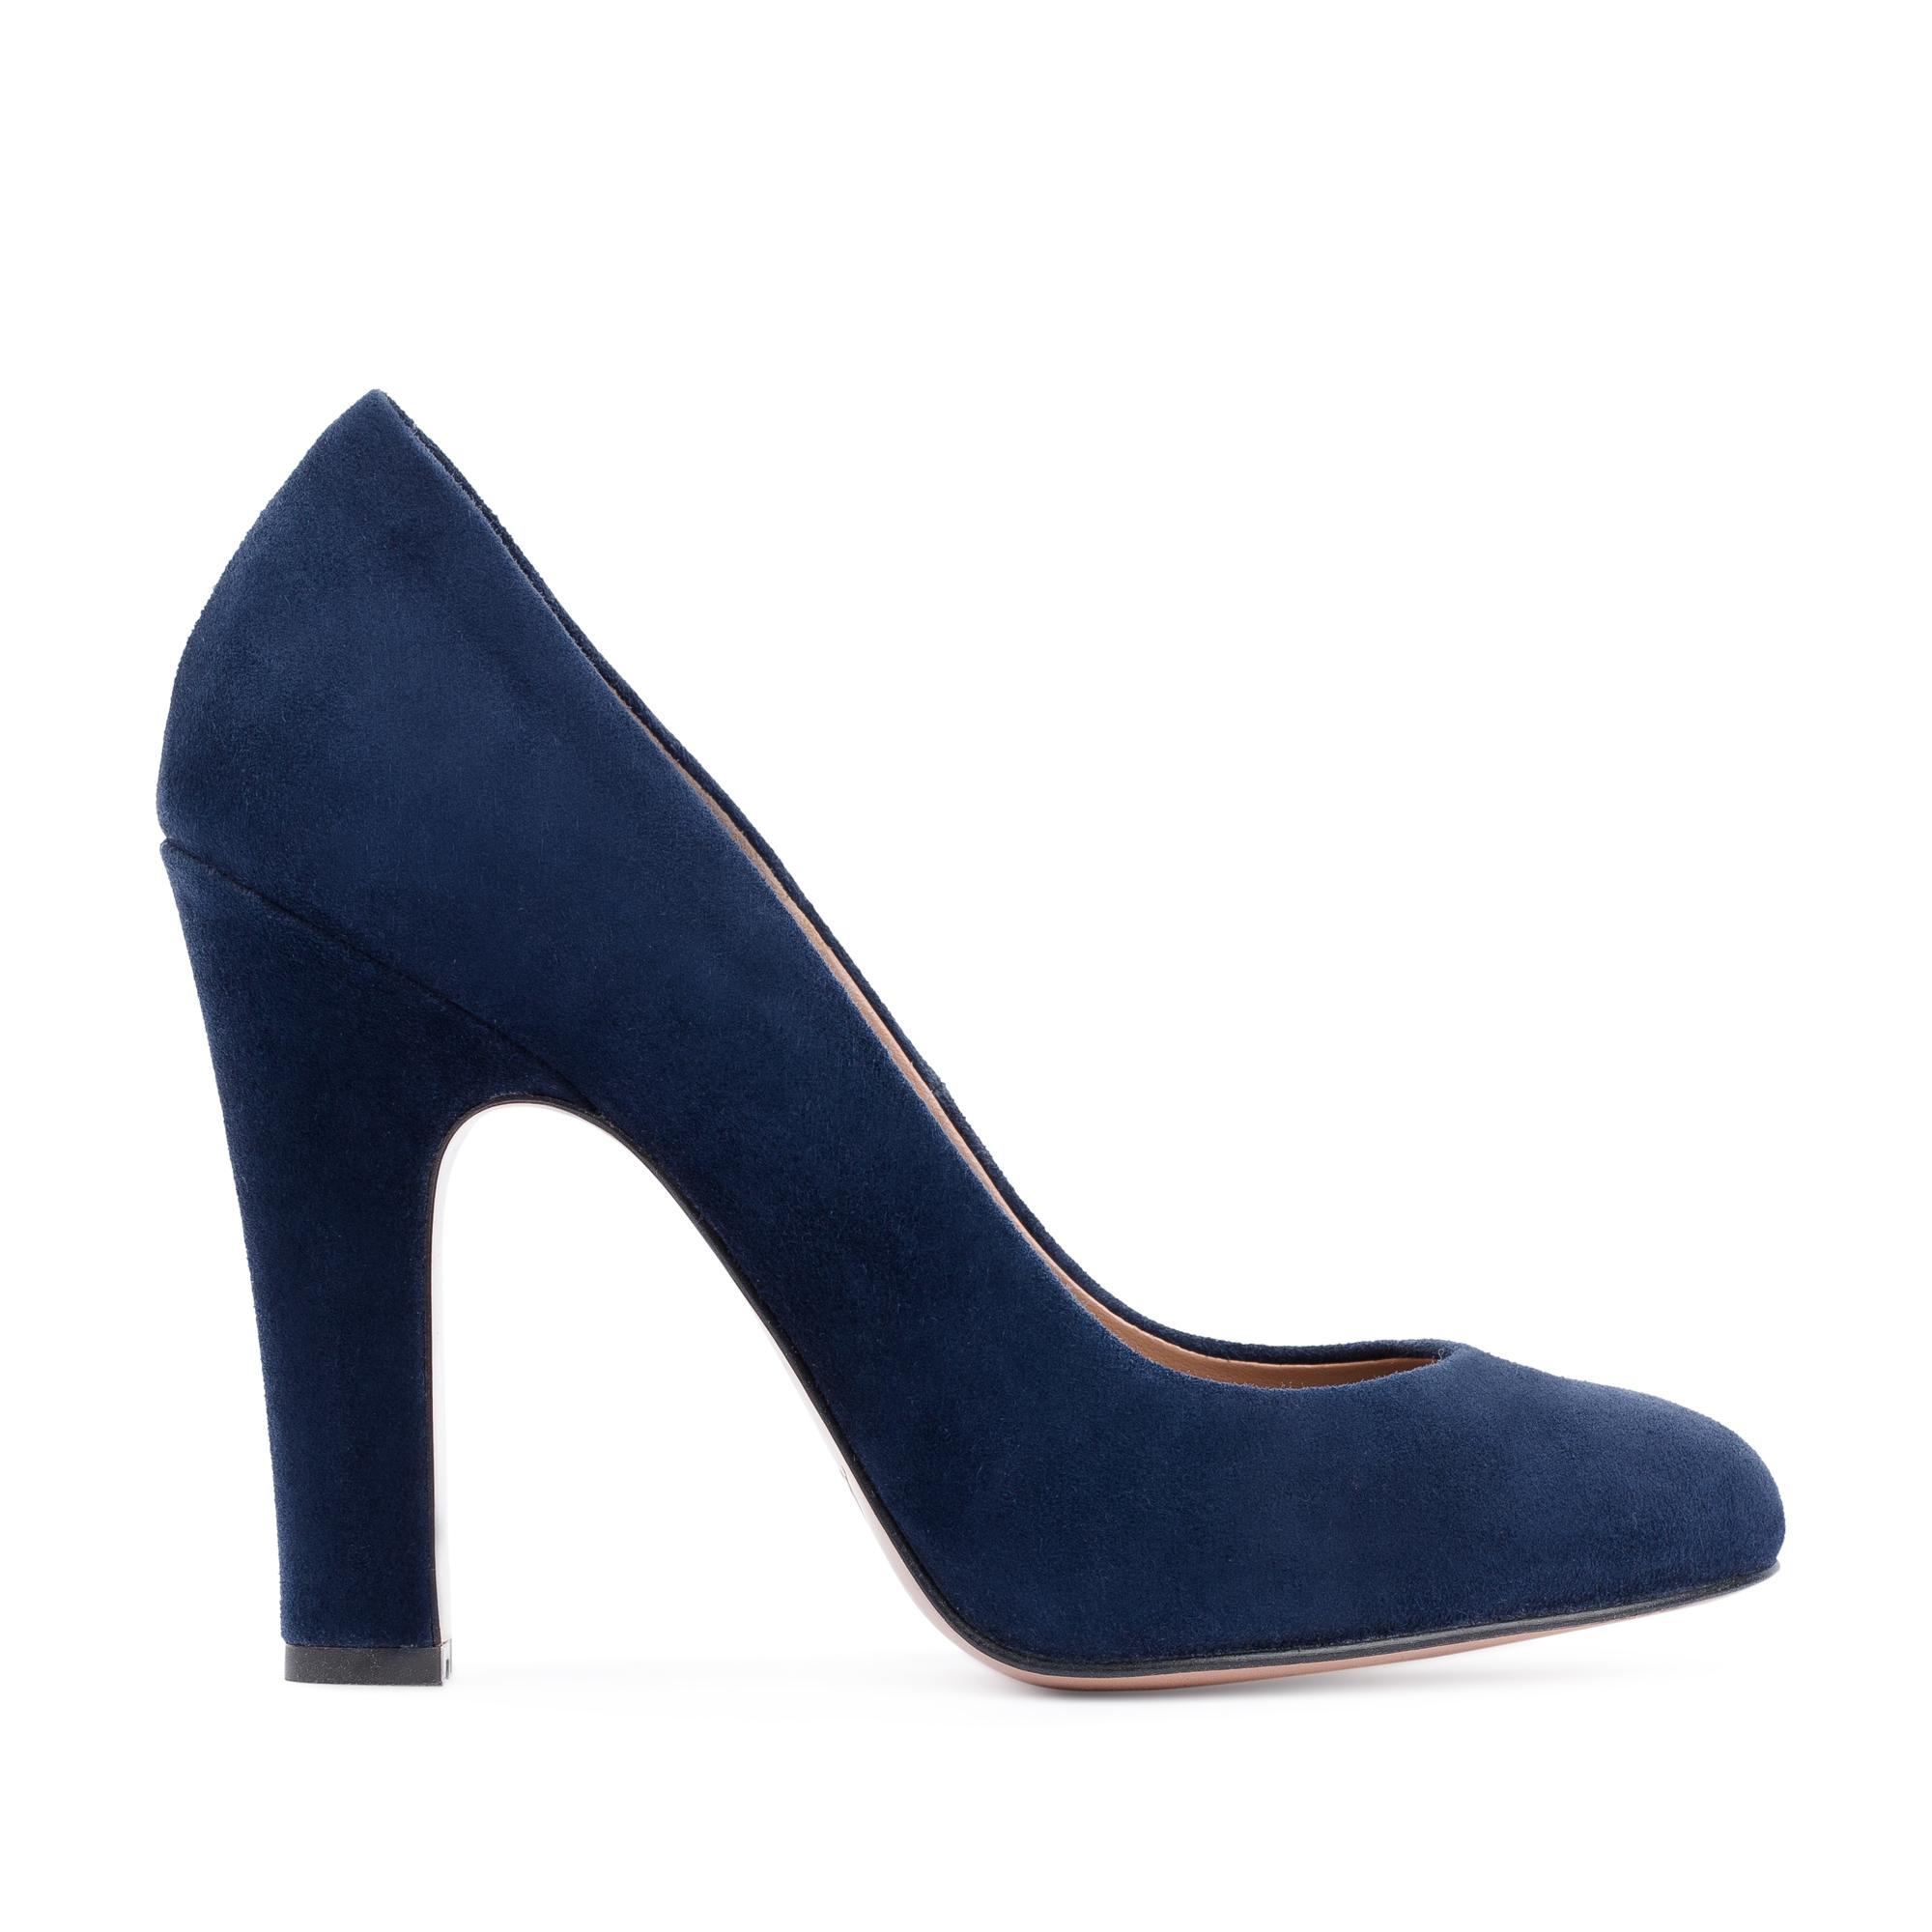 Туфли из замши сапфирового цвета на высоком устойчивом каблуке 17-625-06-15-95